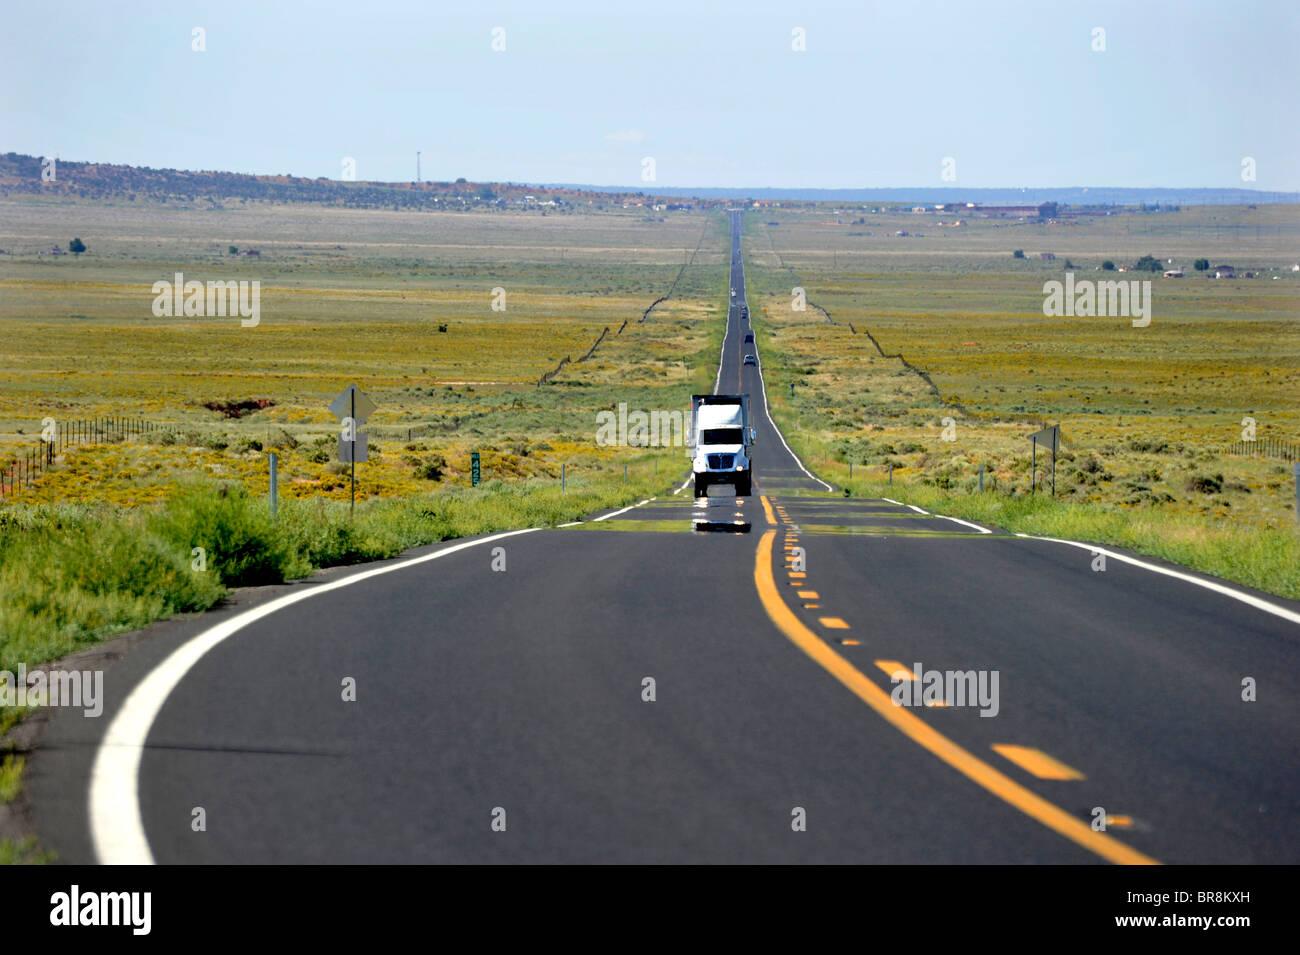 Lungo le strade diritte nel paese deserto Arizona USA Immagini Stock